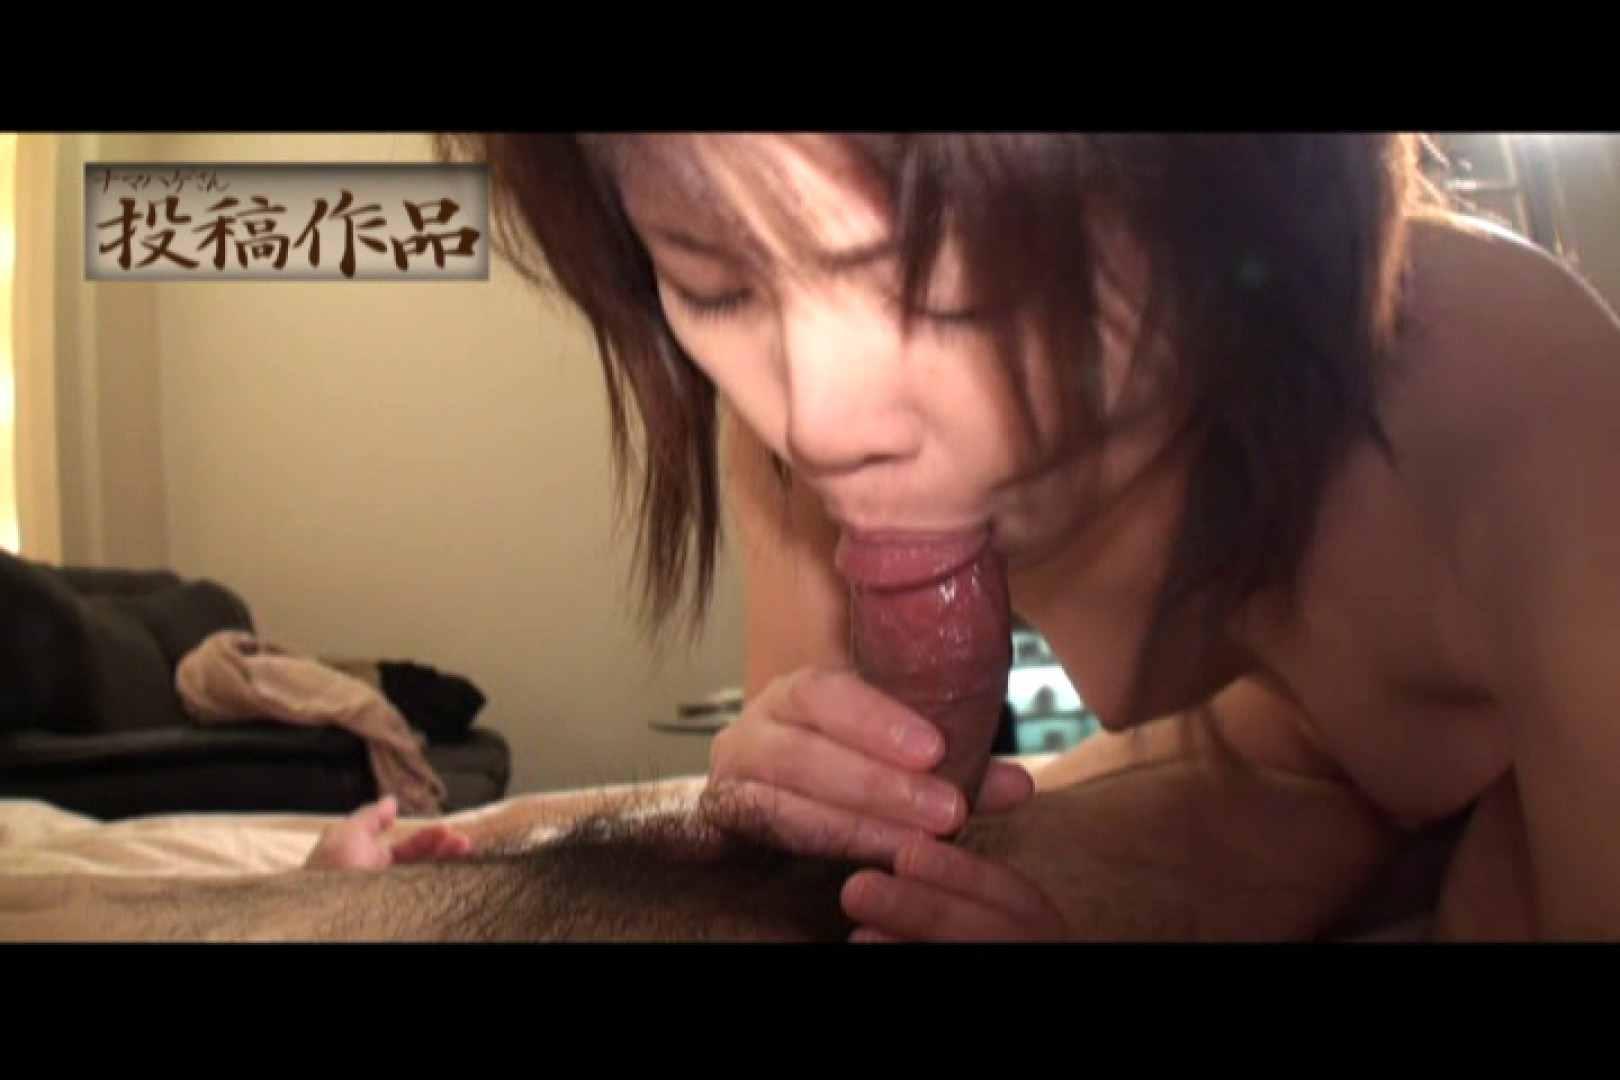 ナマハゲさんのまんこコレクションmayumi02 パイパン映像  106pic 36